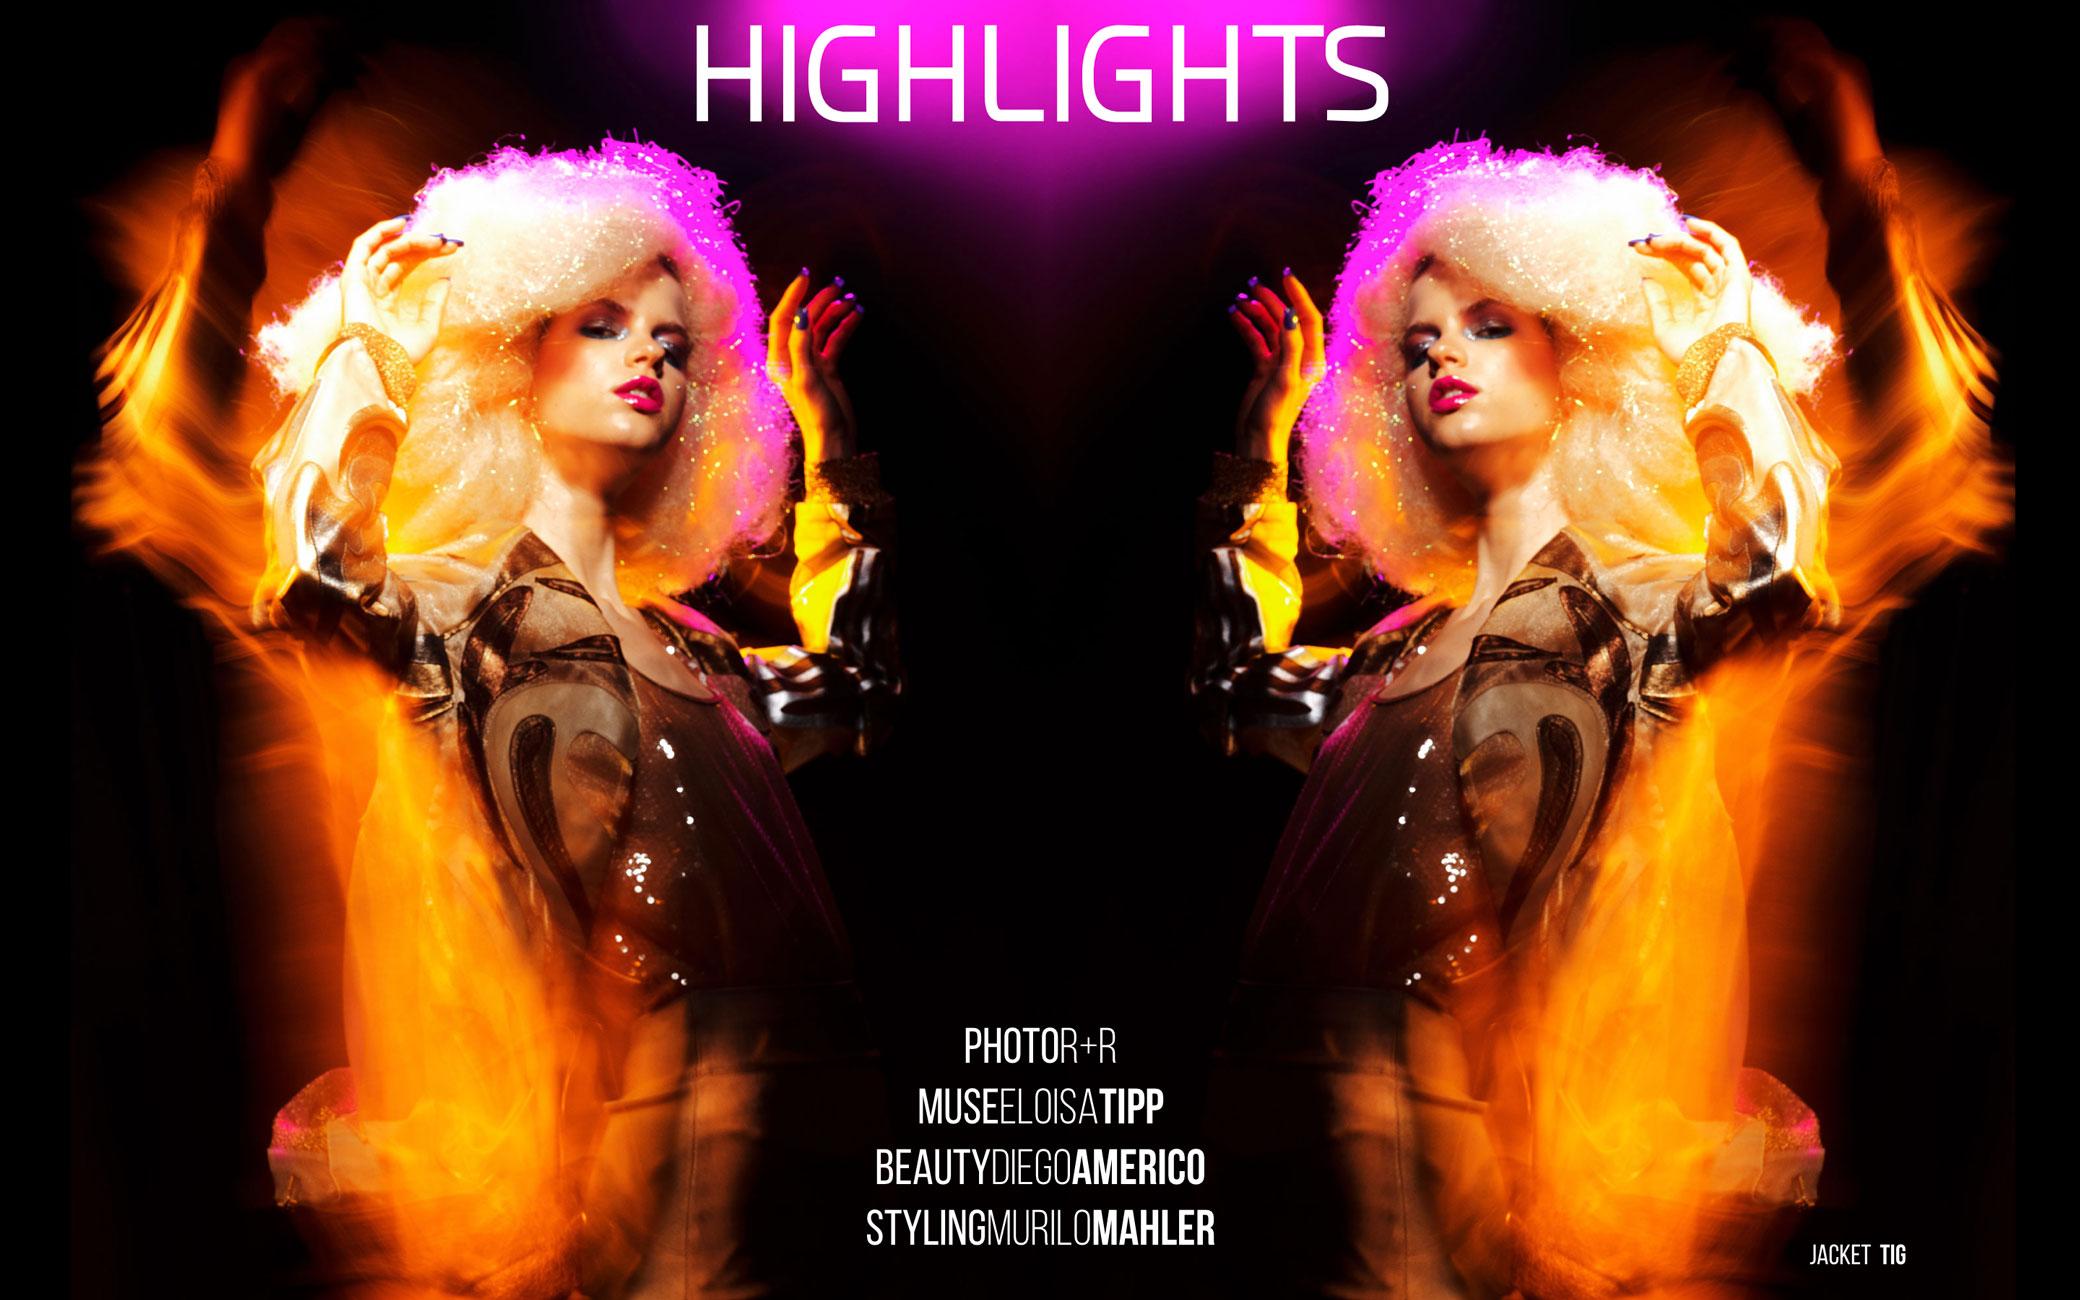 HIGHLIGHTS-01